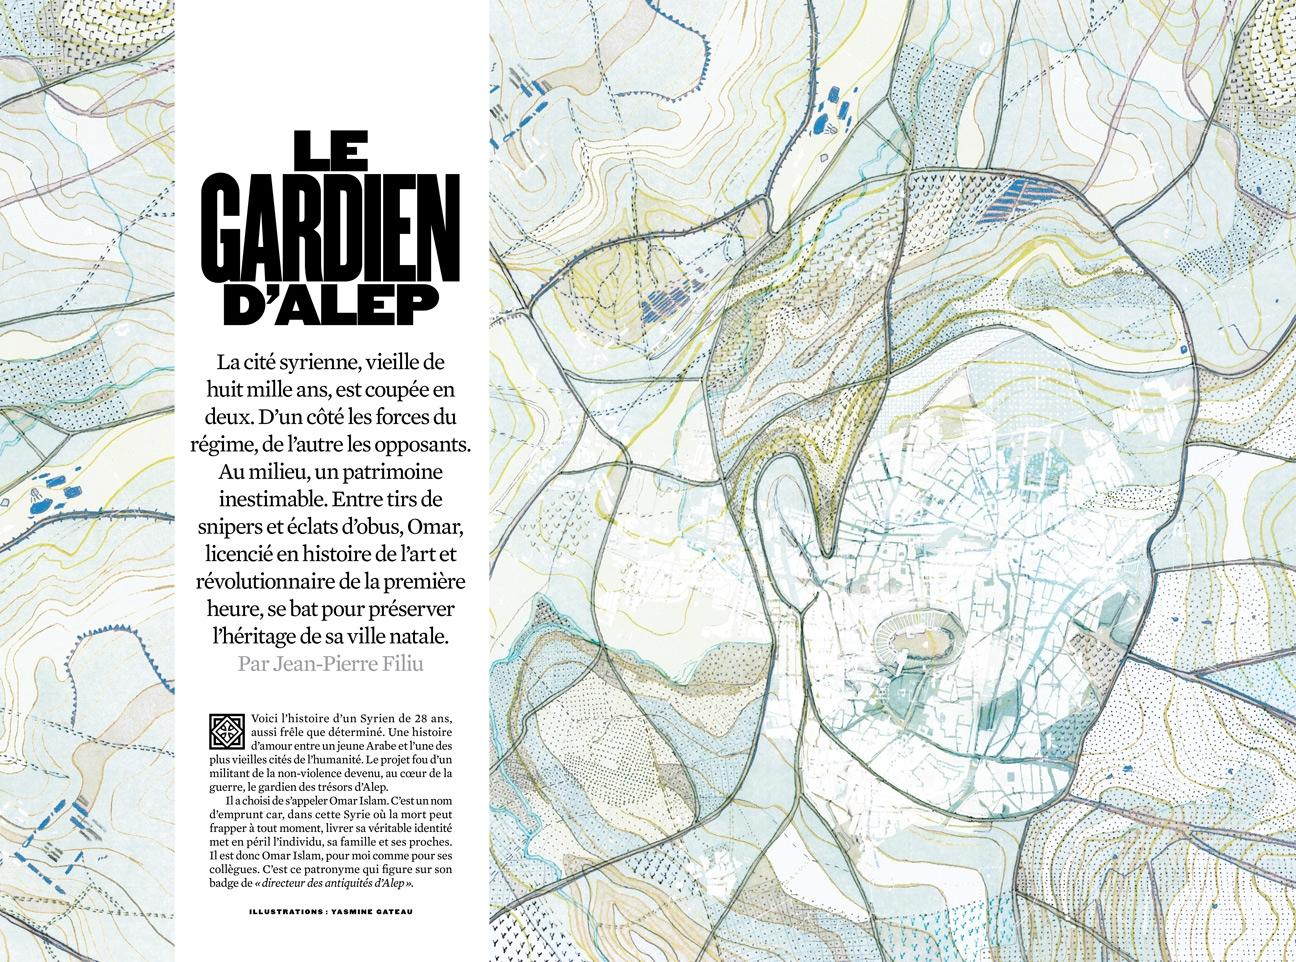 yasmine gateau, XXI, illustration, editorial illustration, le gardien d'Alep, map